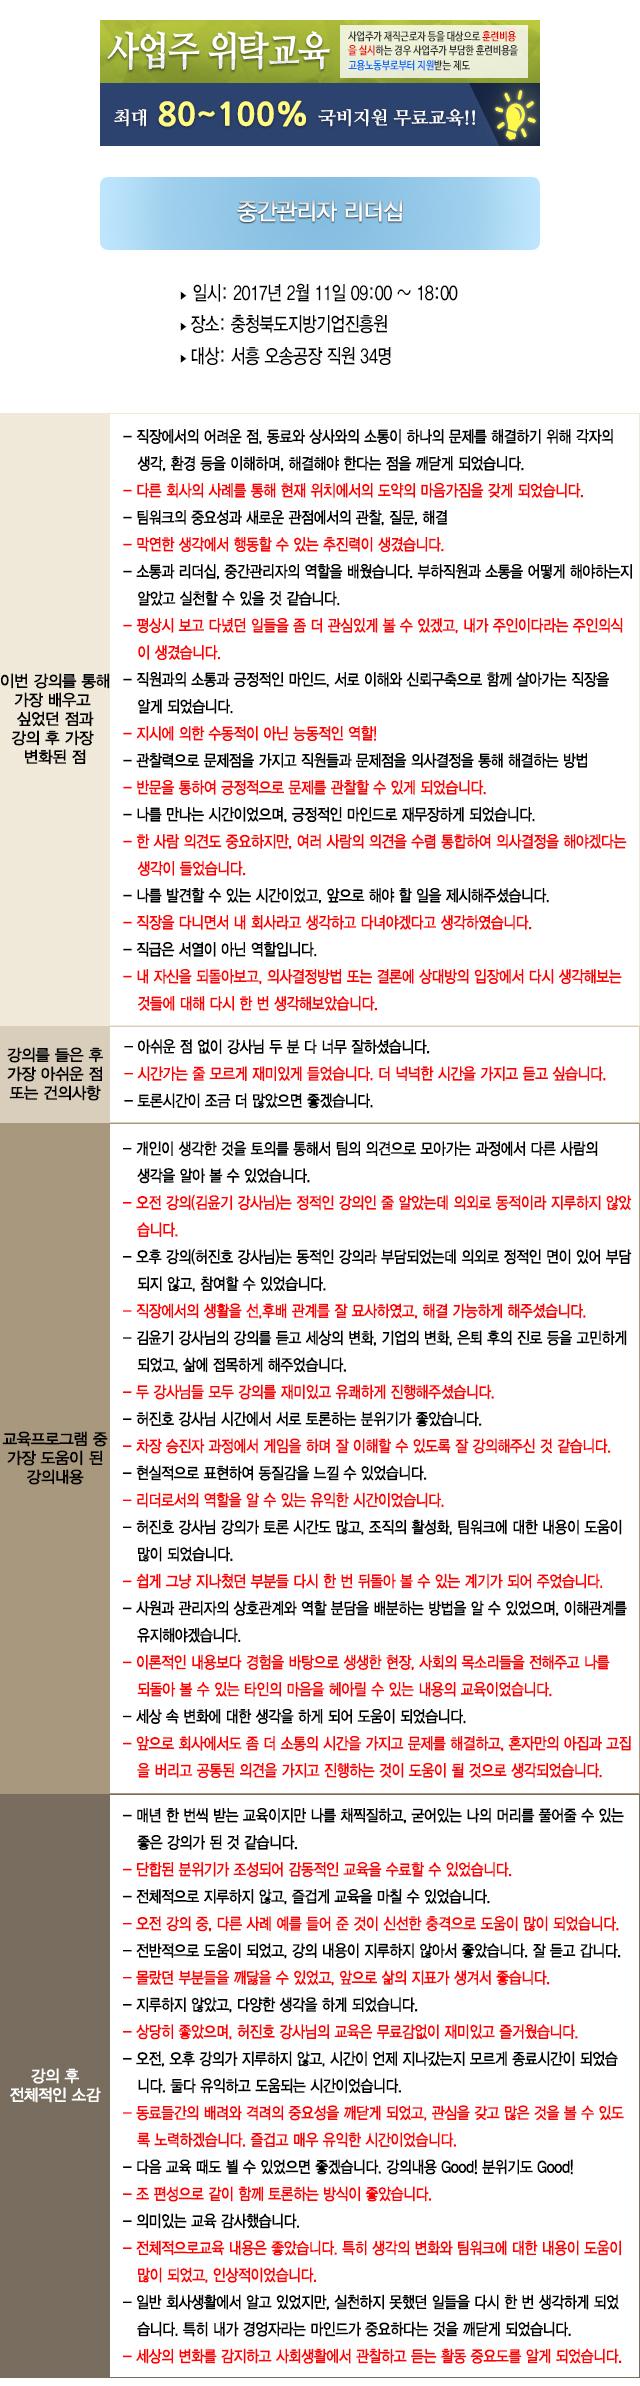 한국중앙인재개발원 후기 서흥.jpg